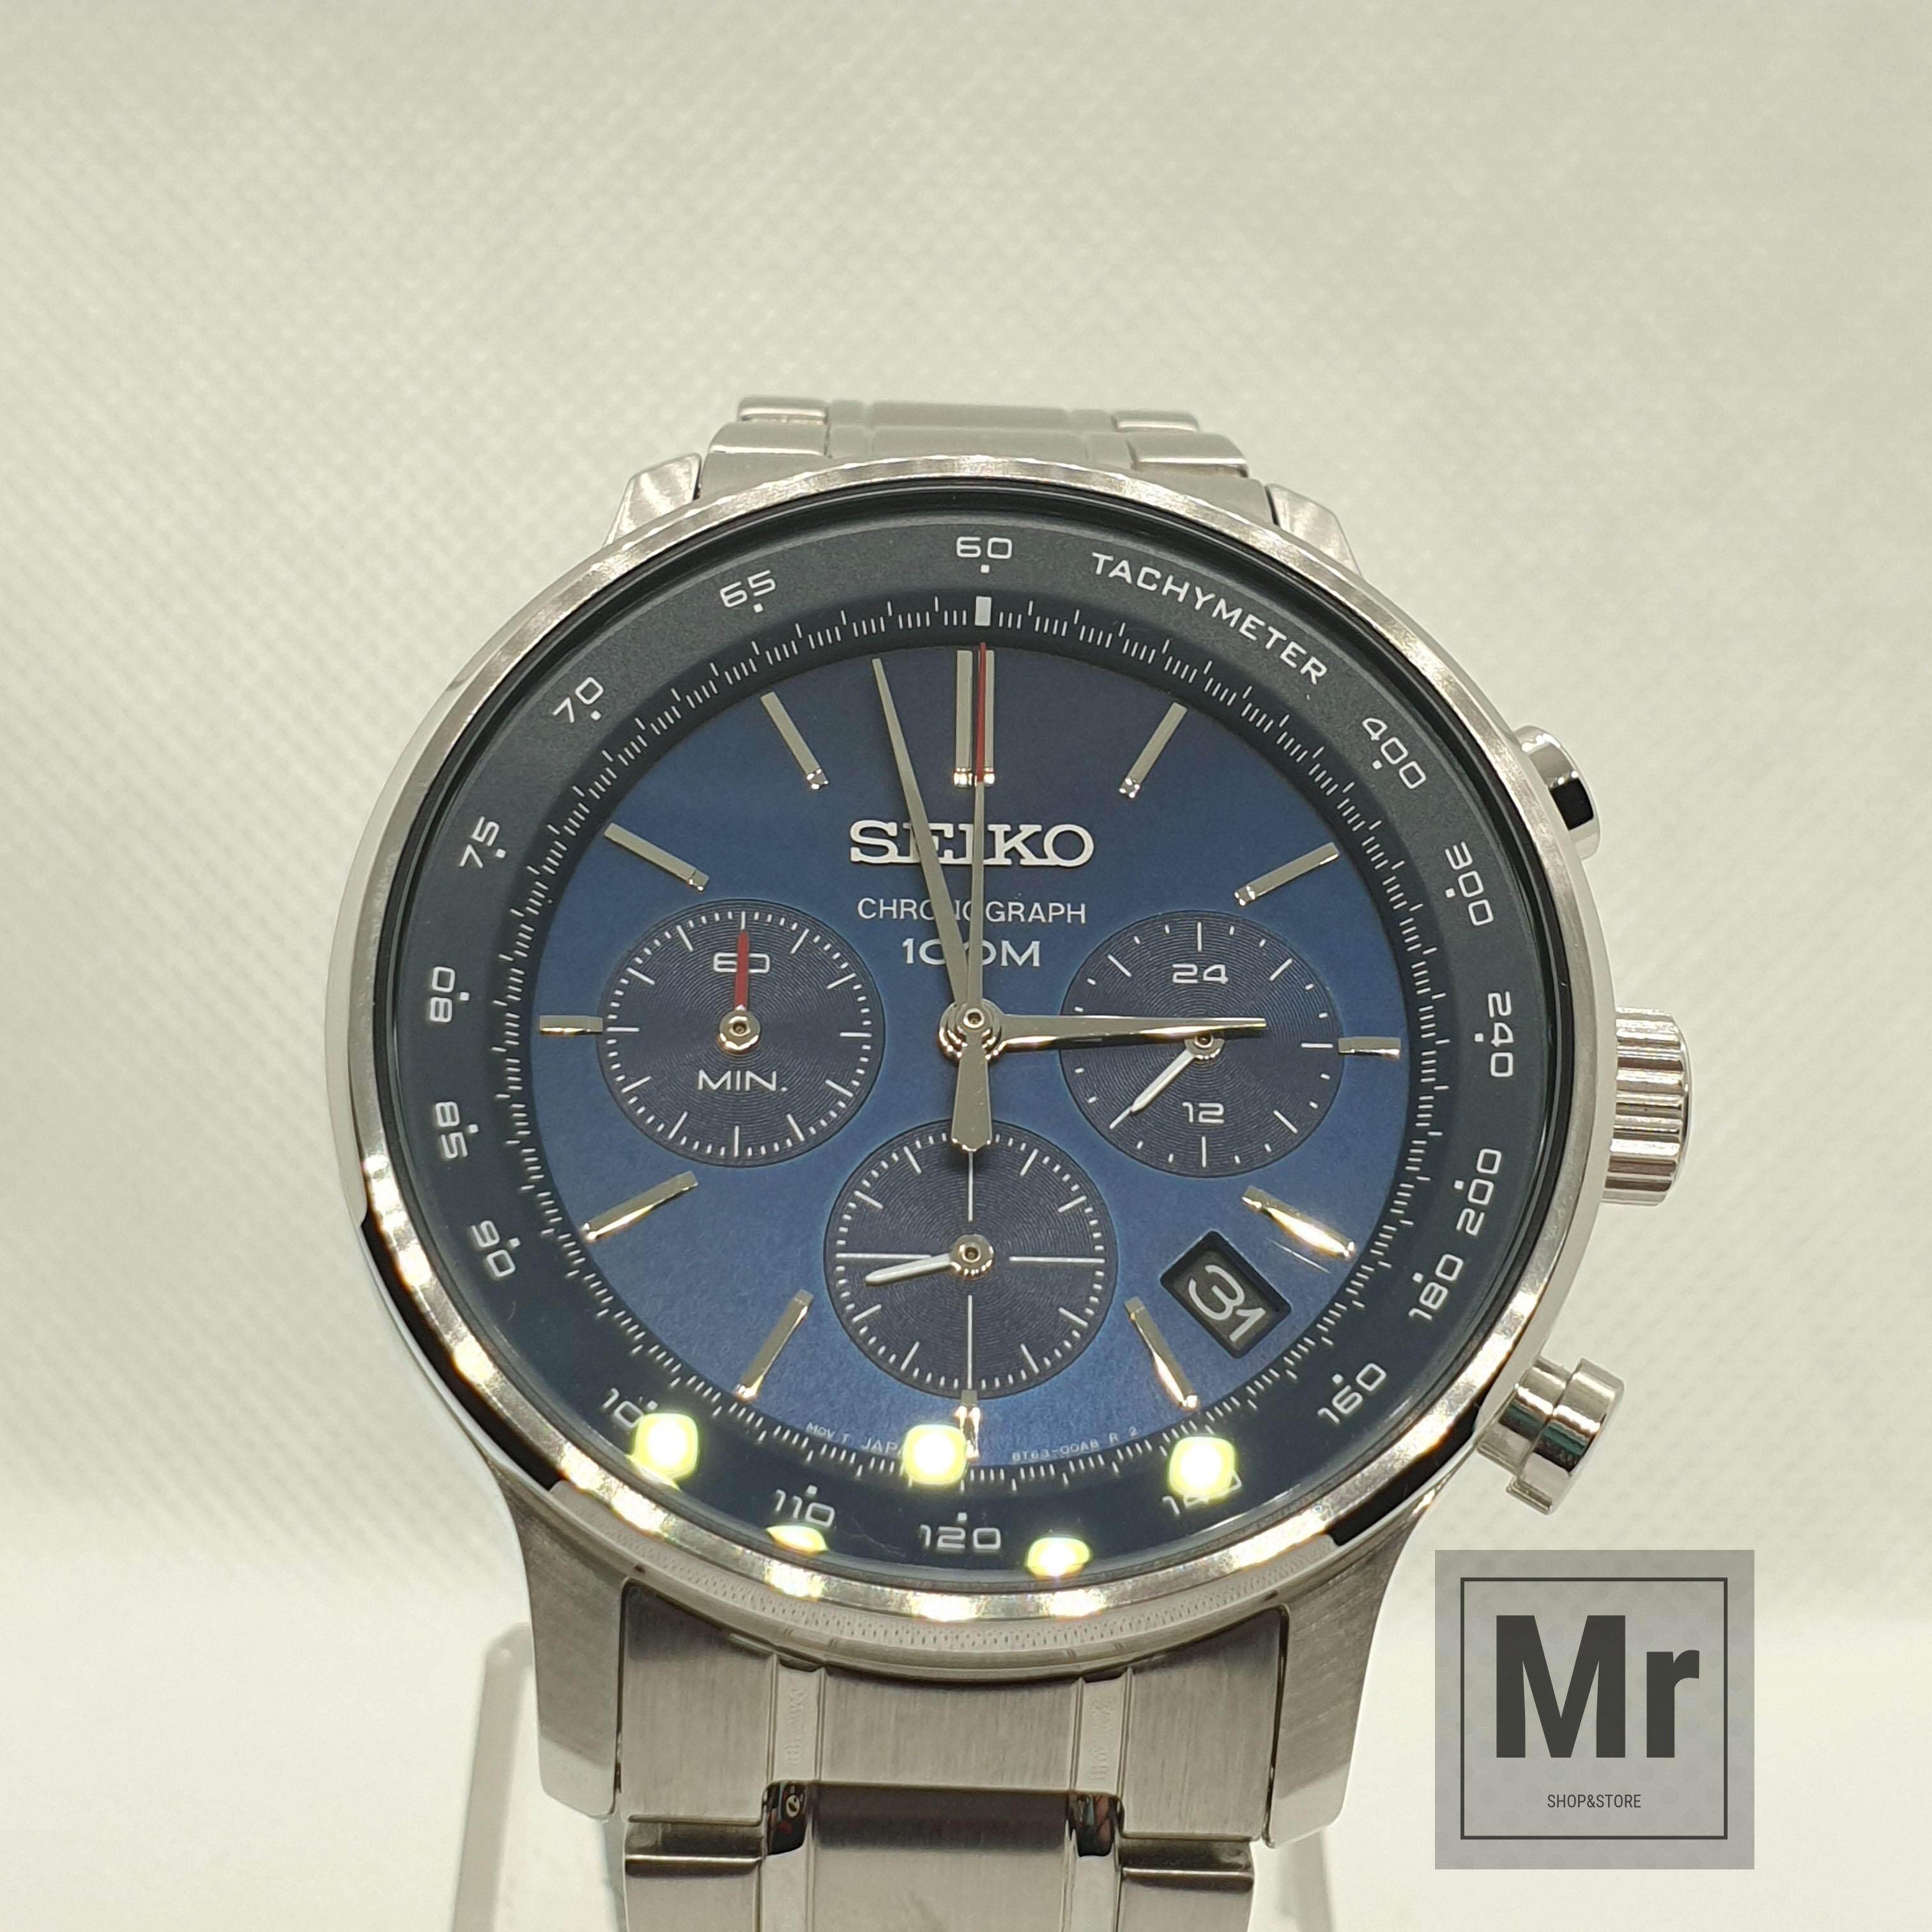 ยี่ห้อนี้ดีไหม  ชัยนาท นาฬิกาข้อมือชาย SEIKO Chronograph รุ่น SSB163P1 เรือนเหล็ก